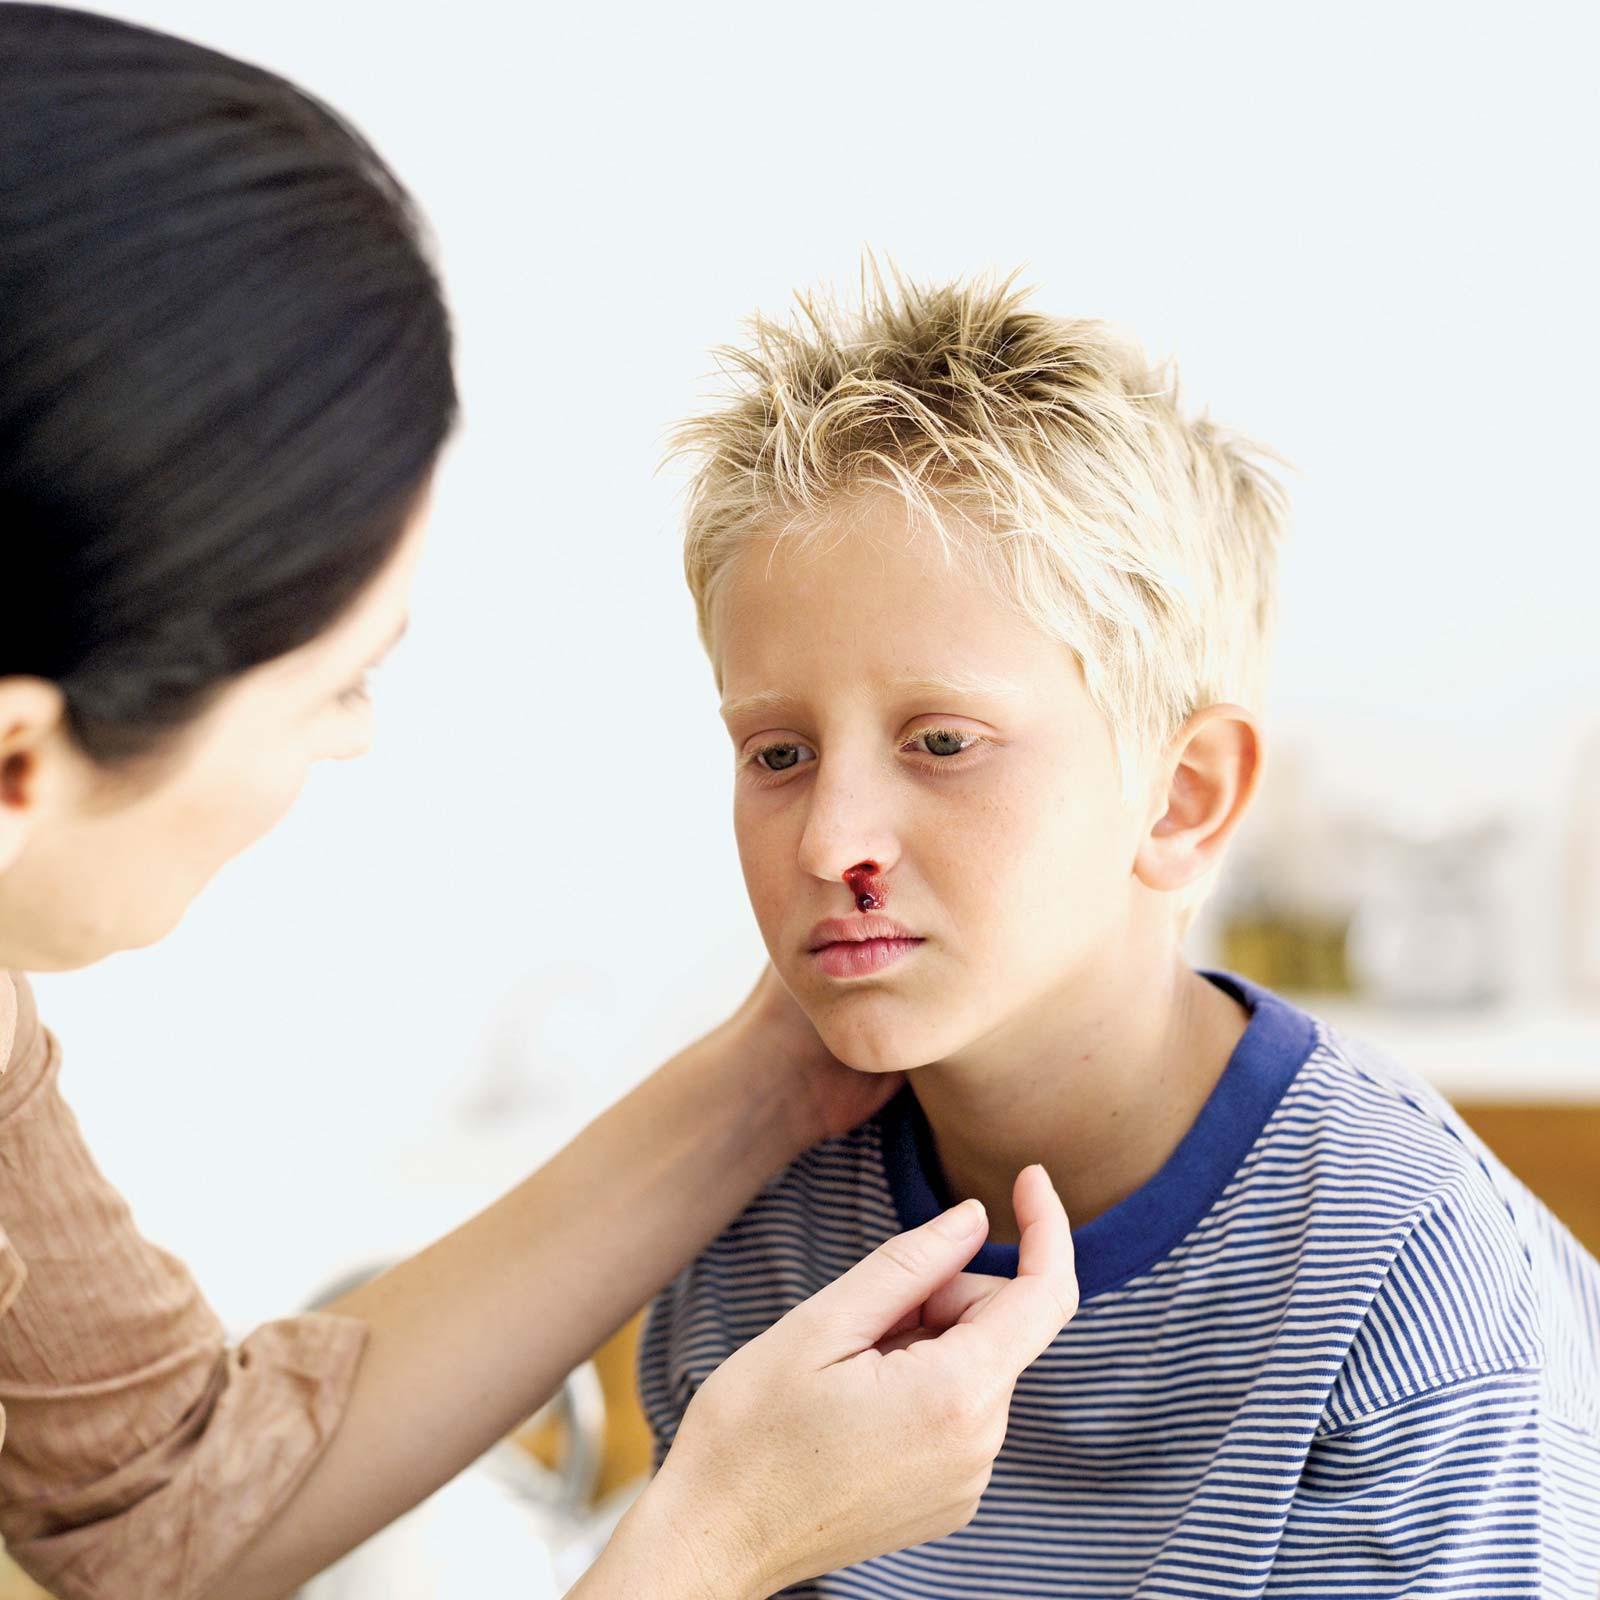 آنچه در مورد خون دماغ شدن کودکان باید بدانید